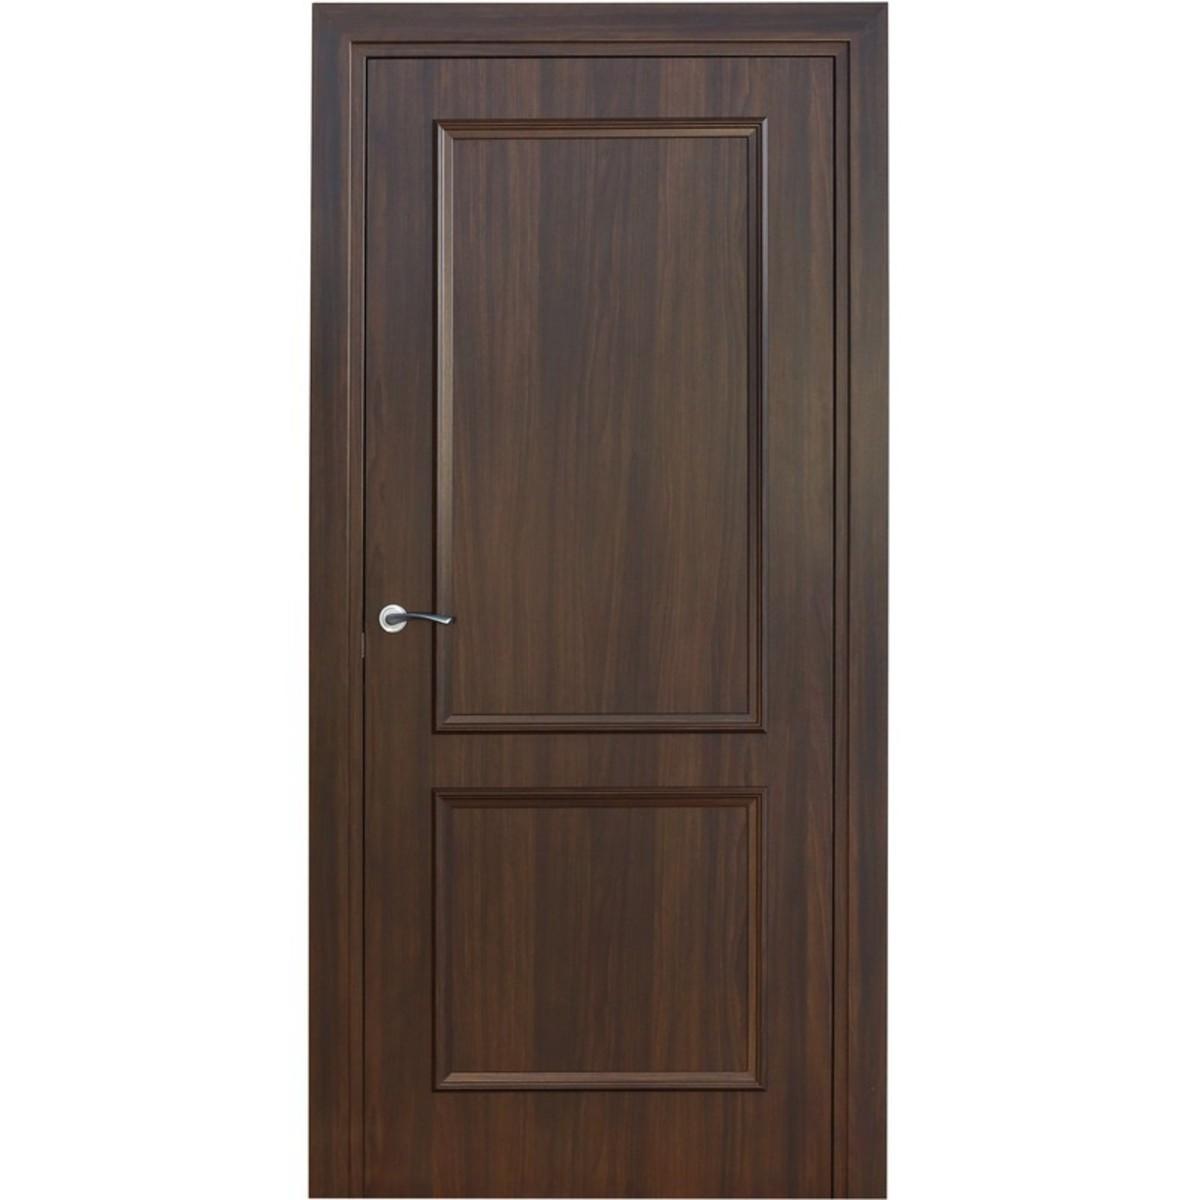 Дверь межкомнатная глухая Altro 80x200 см ламинация цвет орех марроне